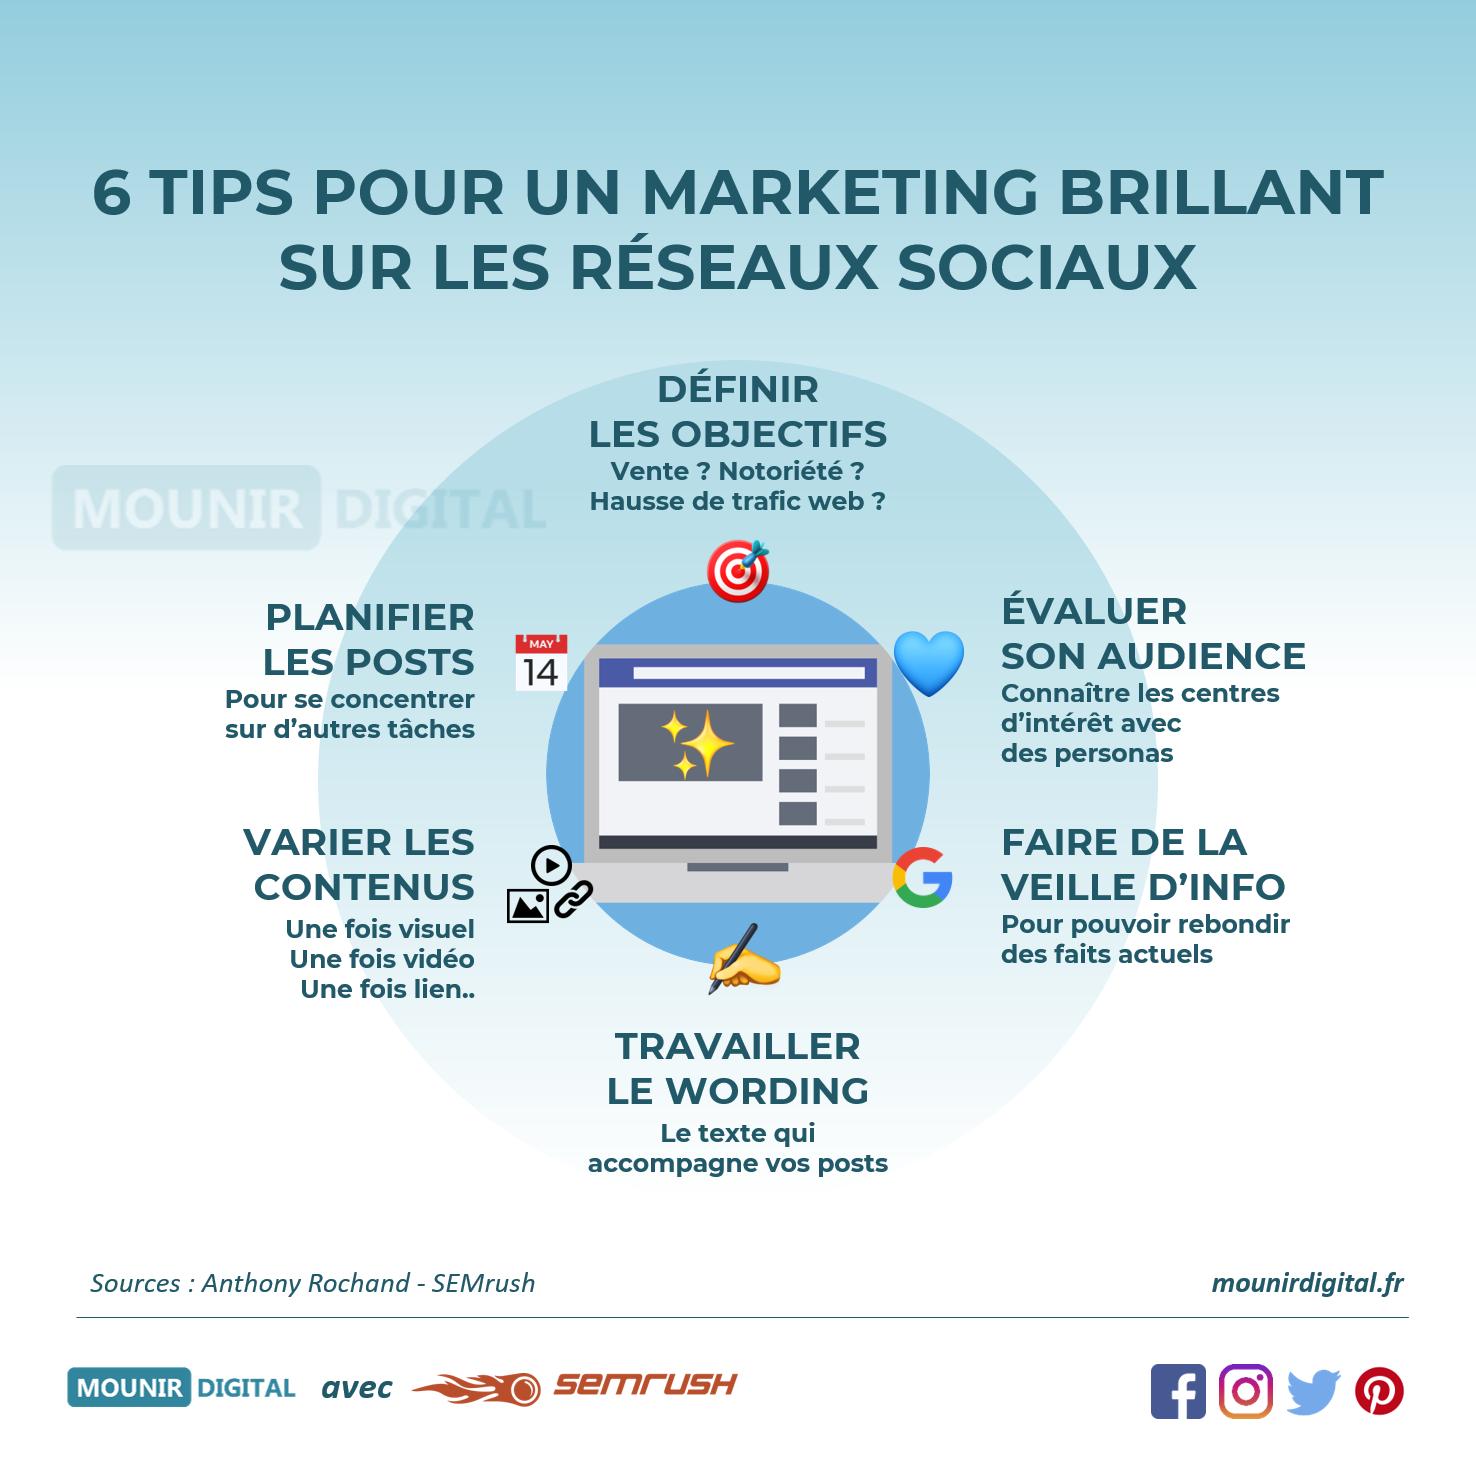 Infographies Social Media / Réseaux sociaux - Mounir Digital